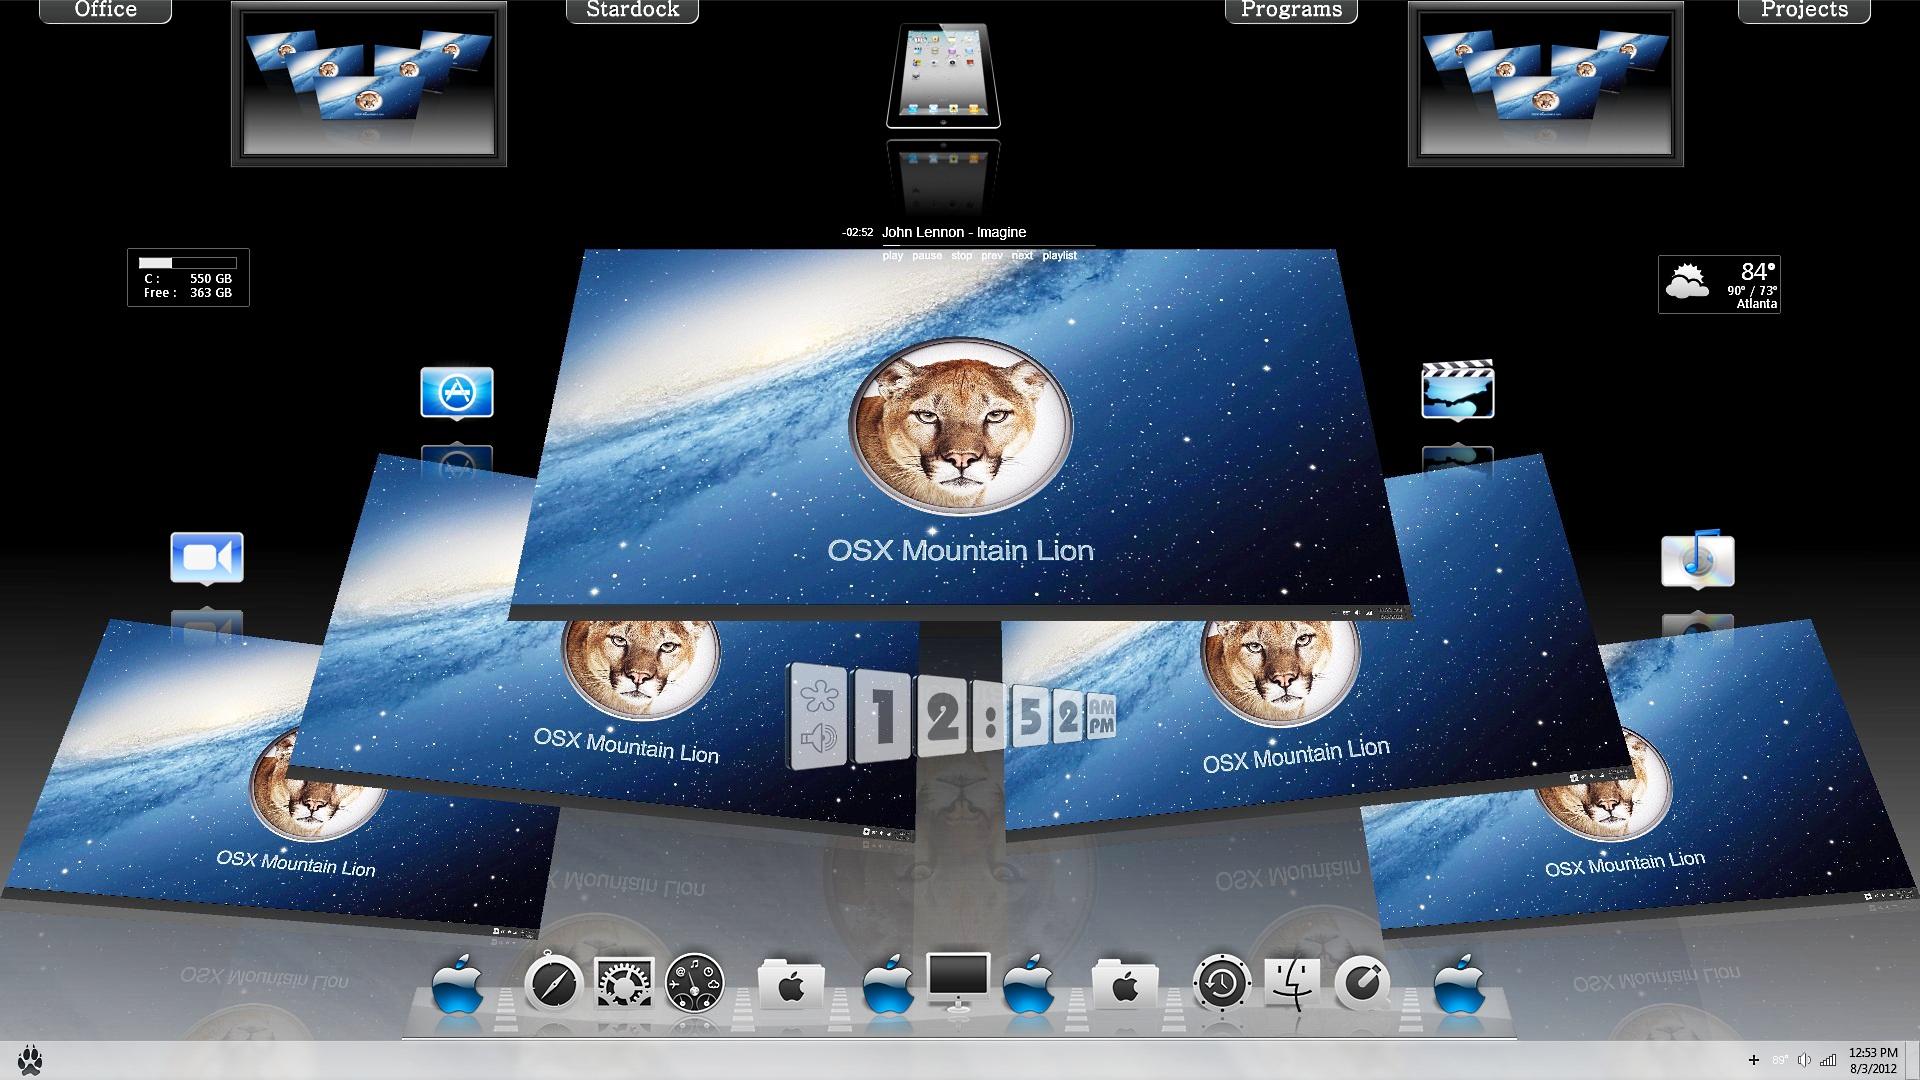 Mac OS X Mtn Lion 3D